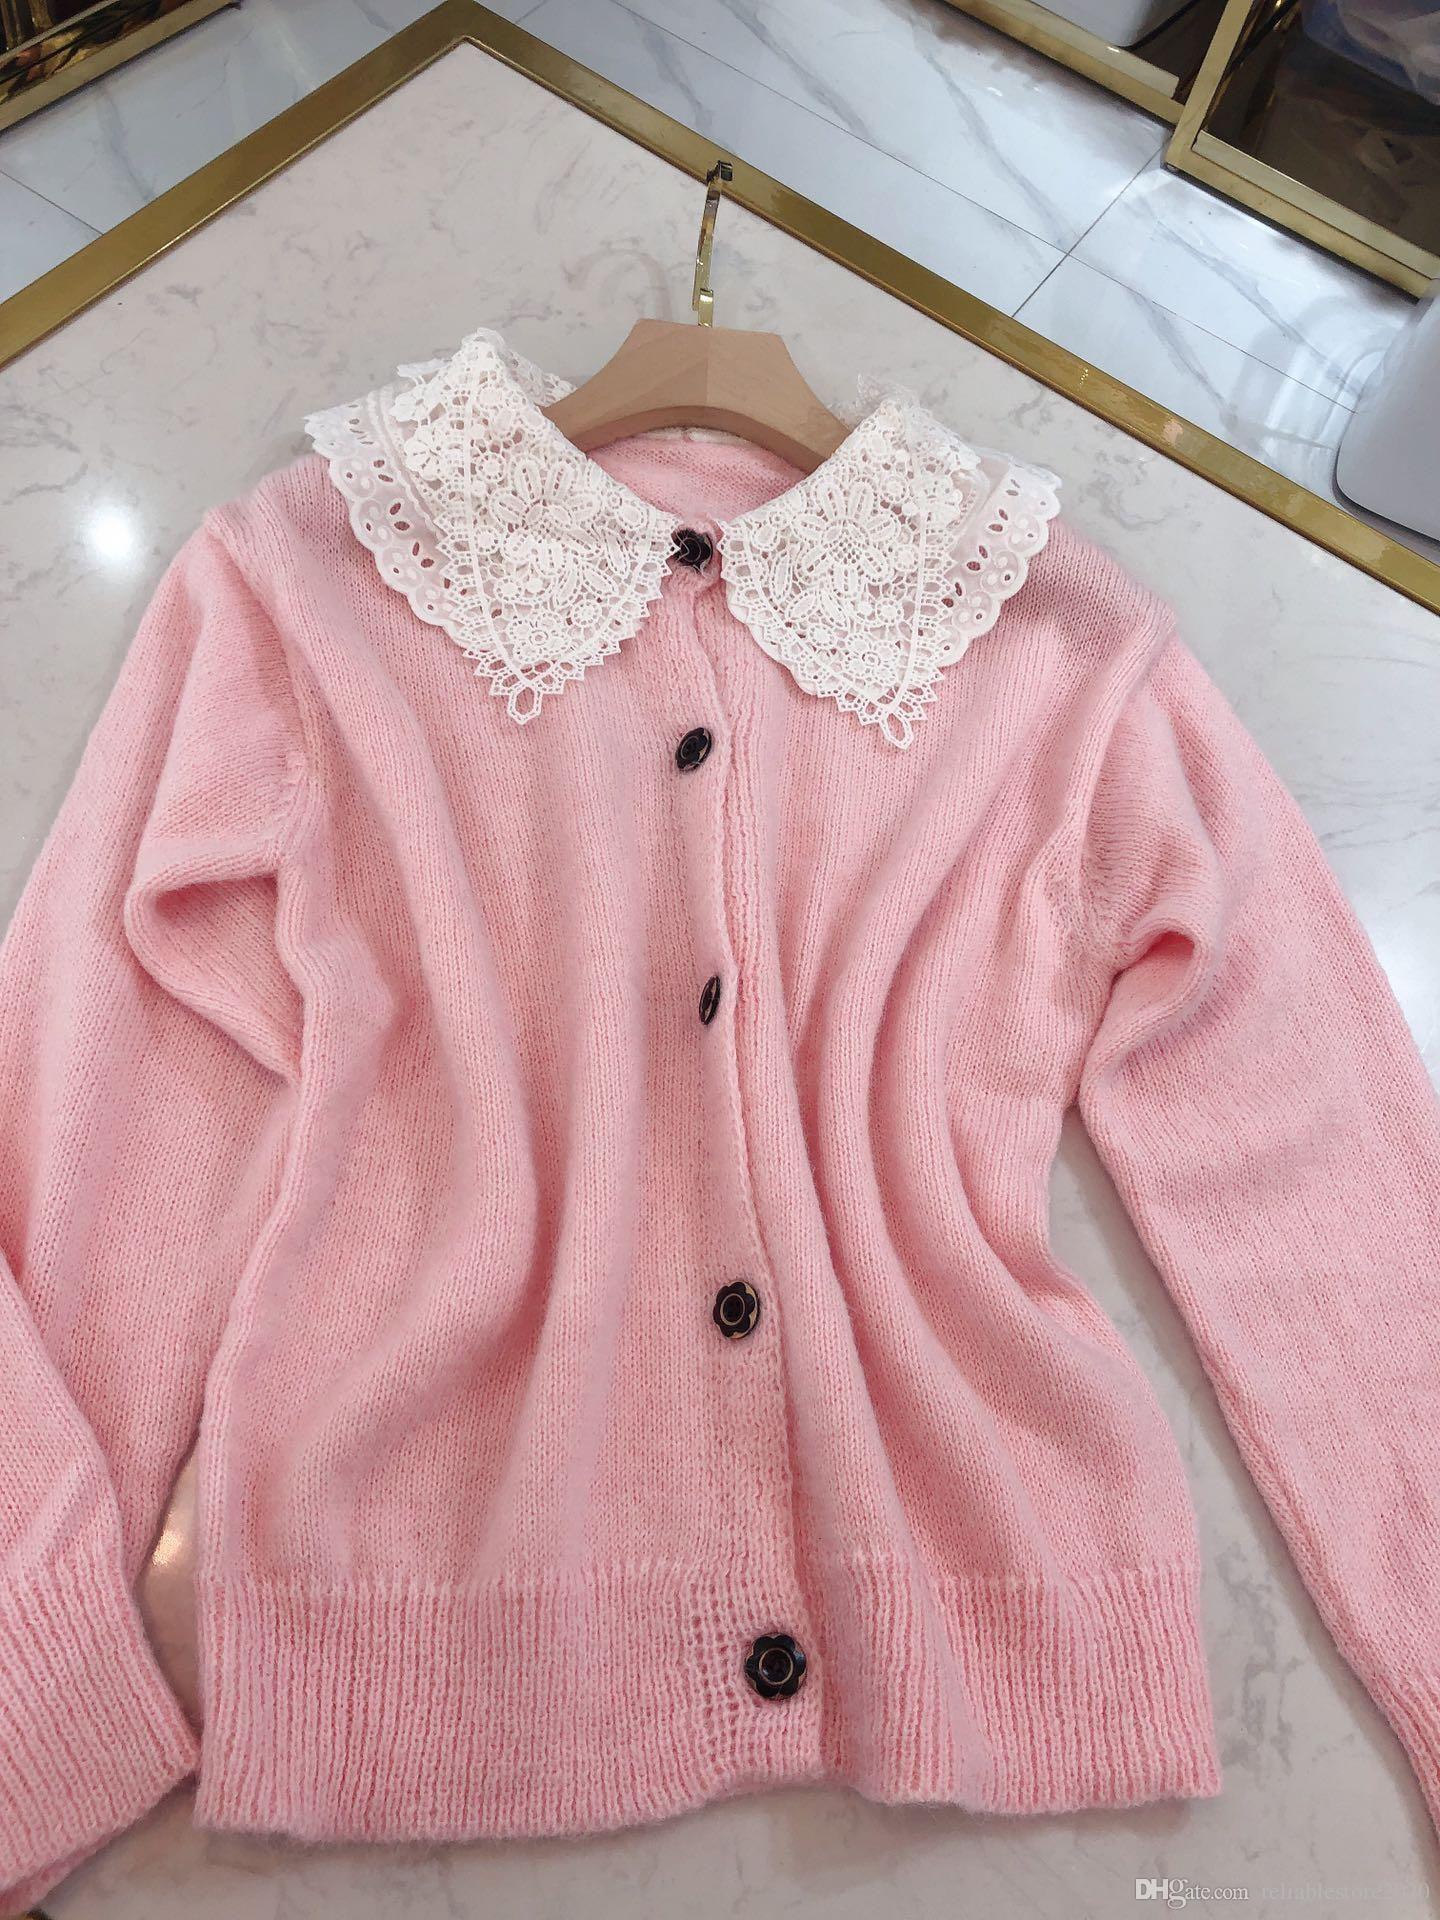 20 otoño invierno nueva colección dulce encaje pétalo pétalo tejido cardigan rosa lana blusa chaqueta mujer